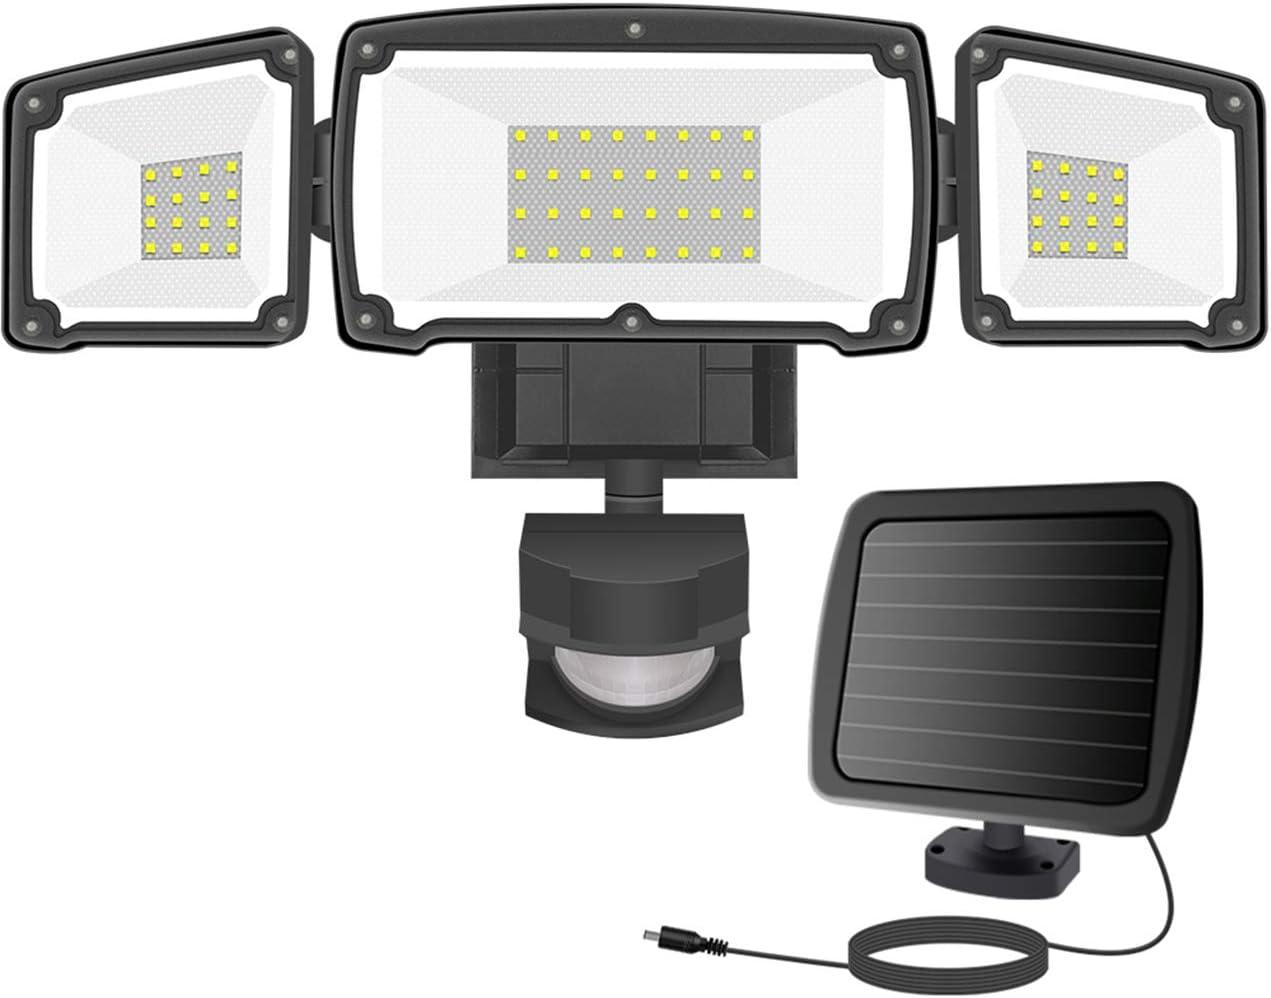 Solar Popular brand Lights Outdoor Free shipping on posting reviews FURANDE Motion Light Sensor